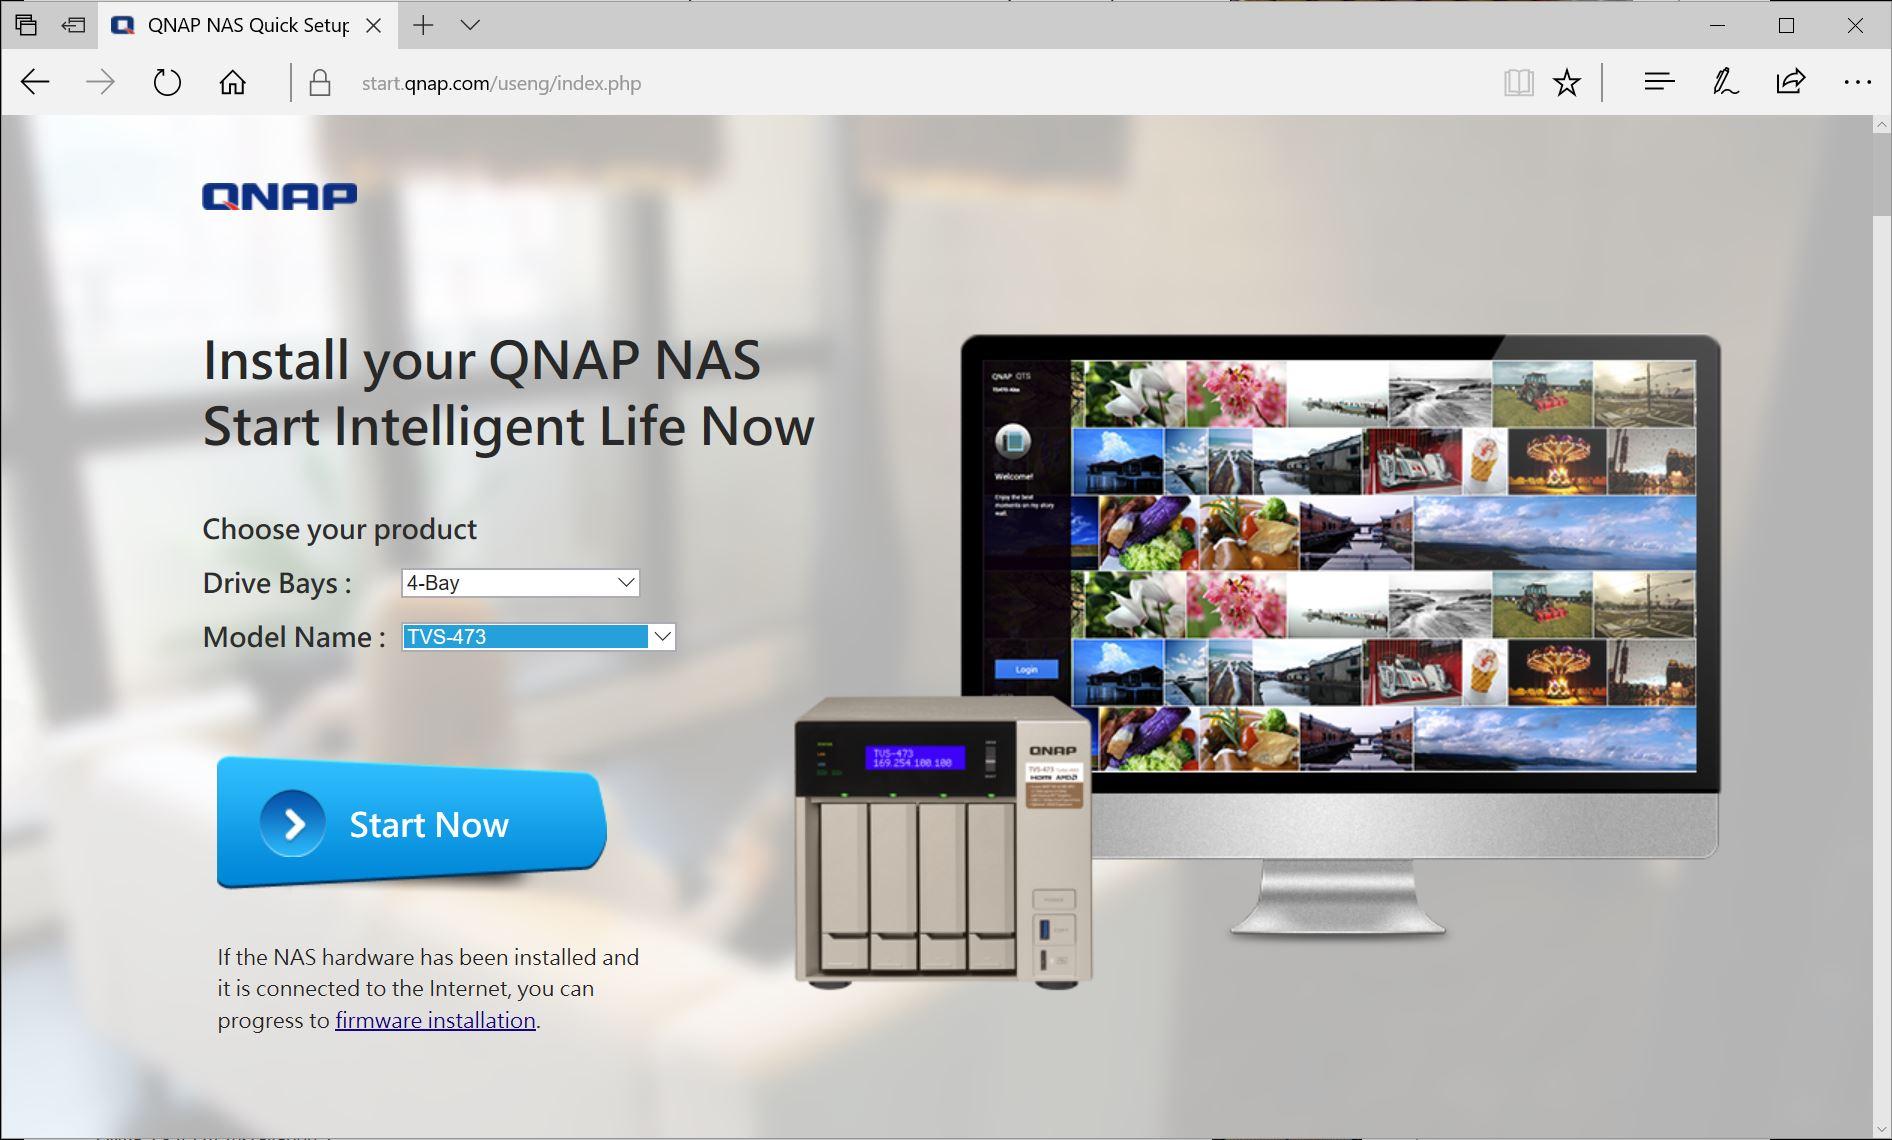 QNAP TVS 473 Installation 1